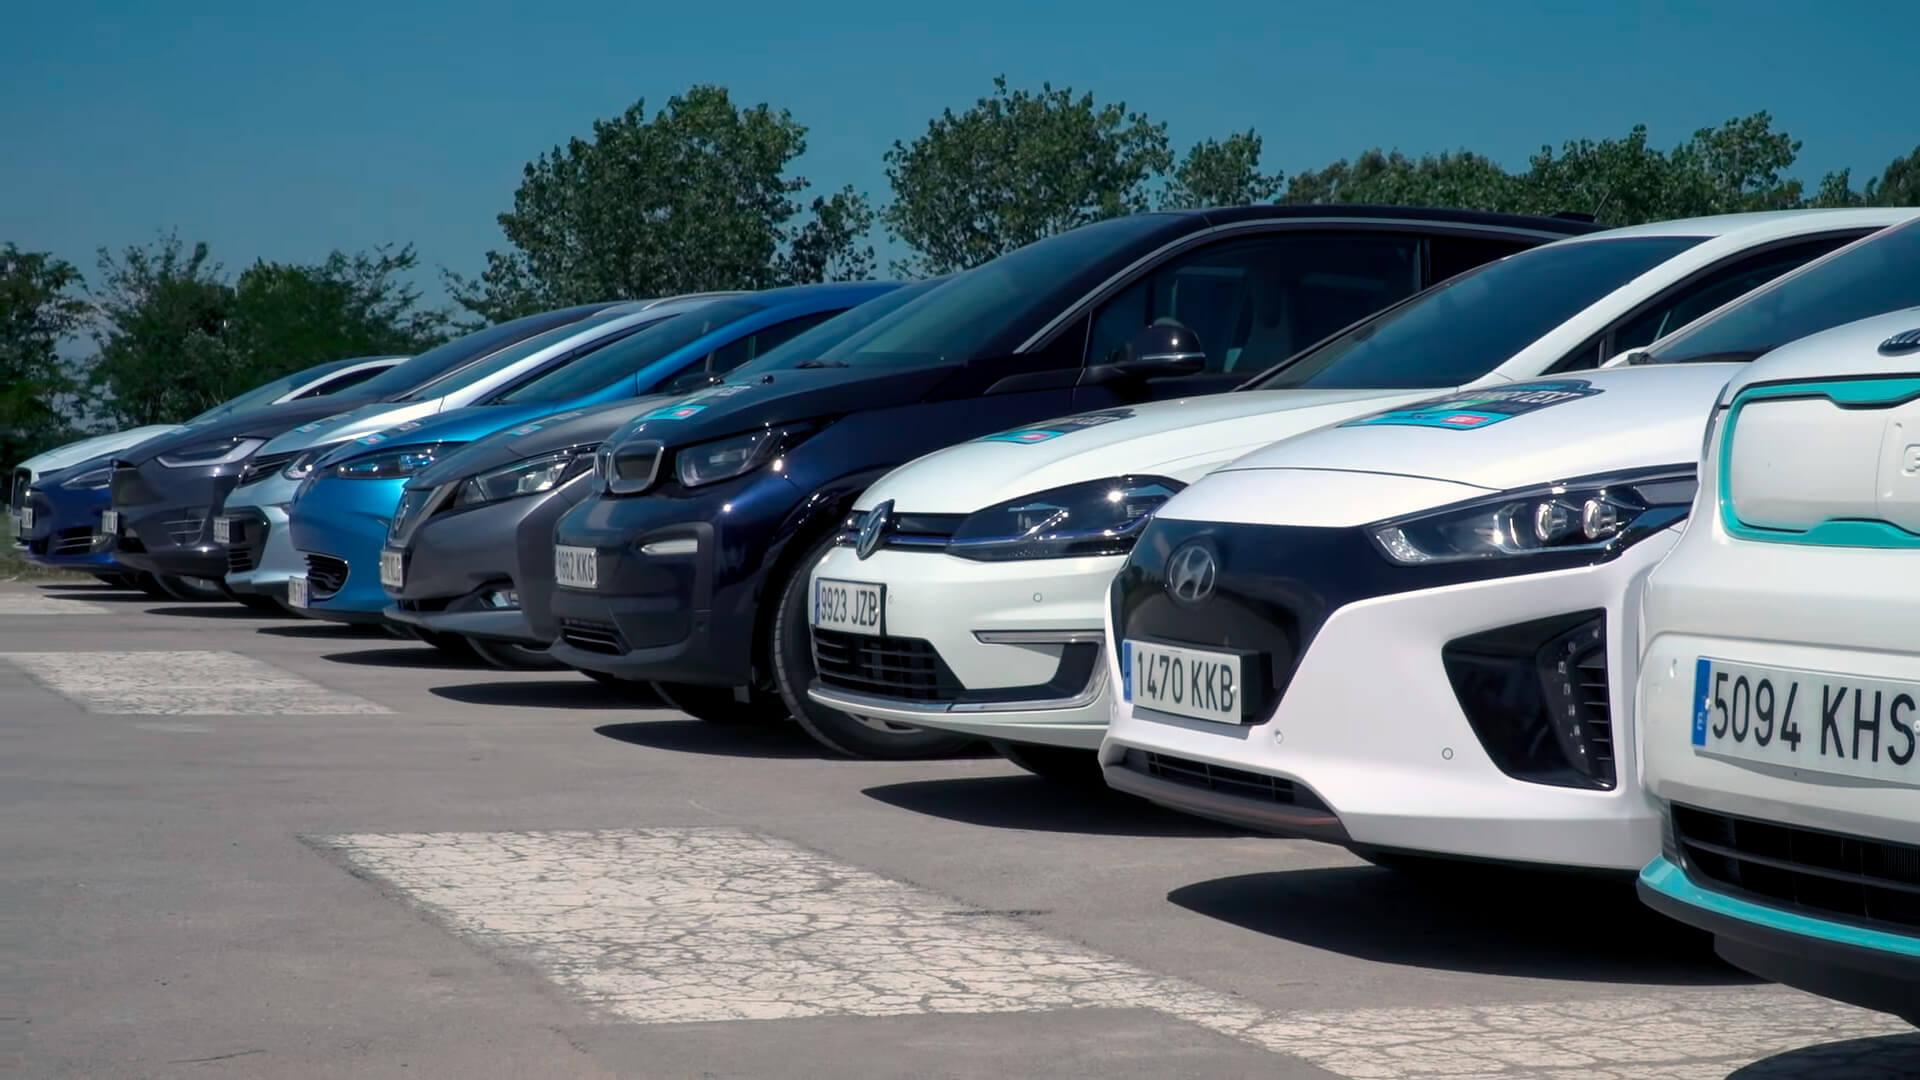 Испытание запаса хода и эффективности 10 электромобилей